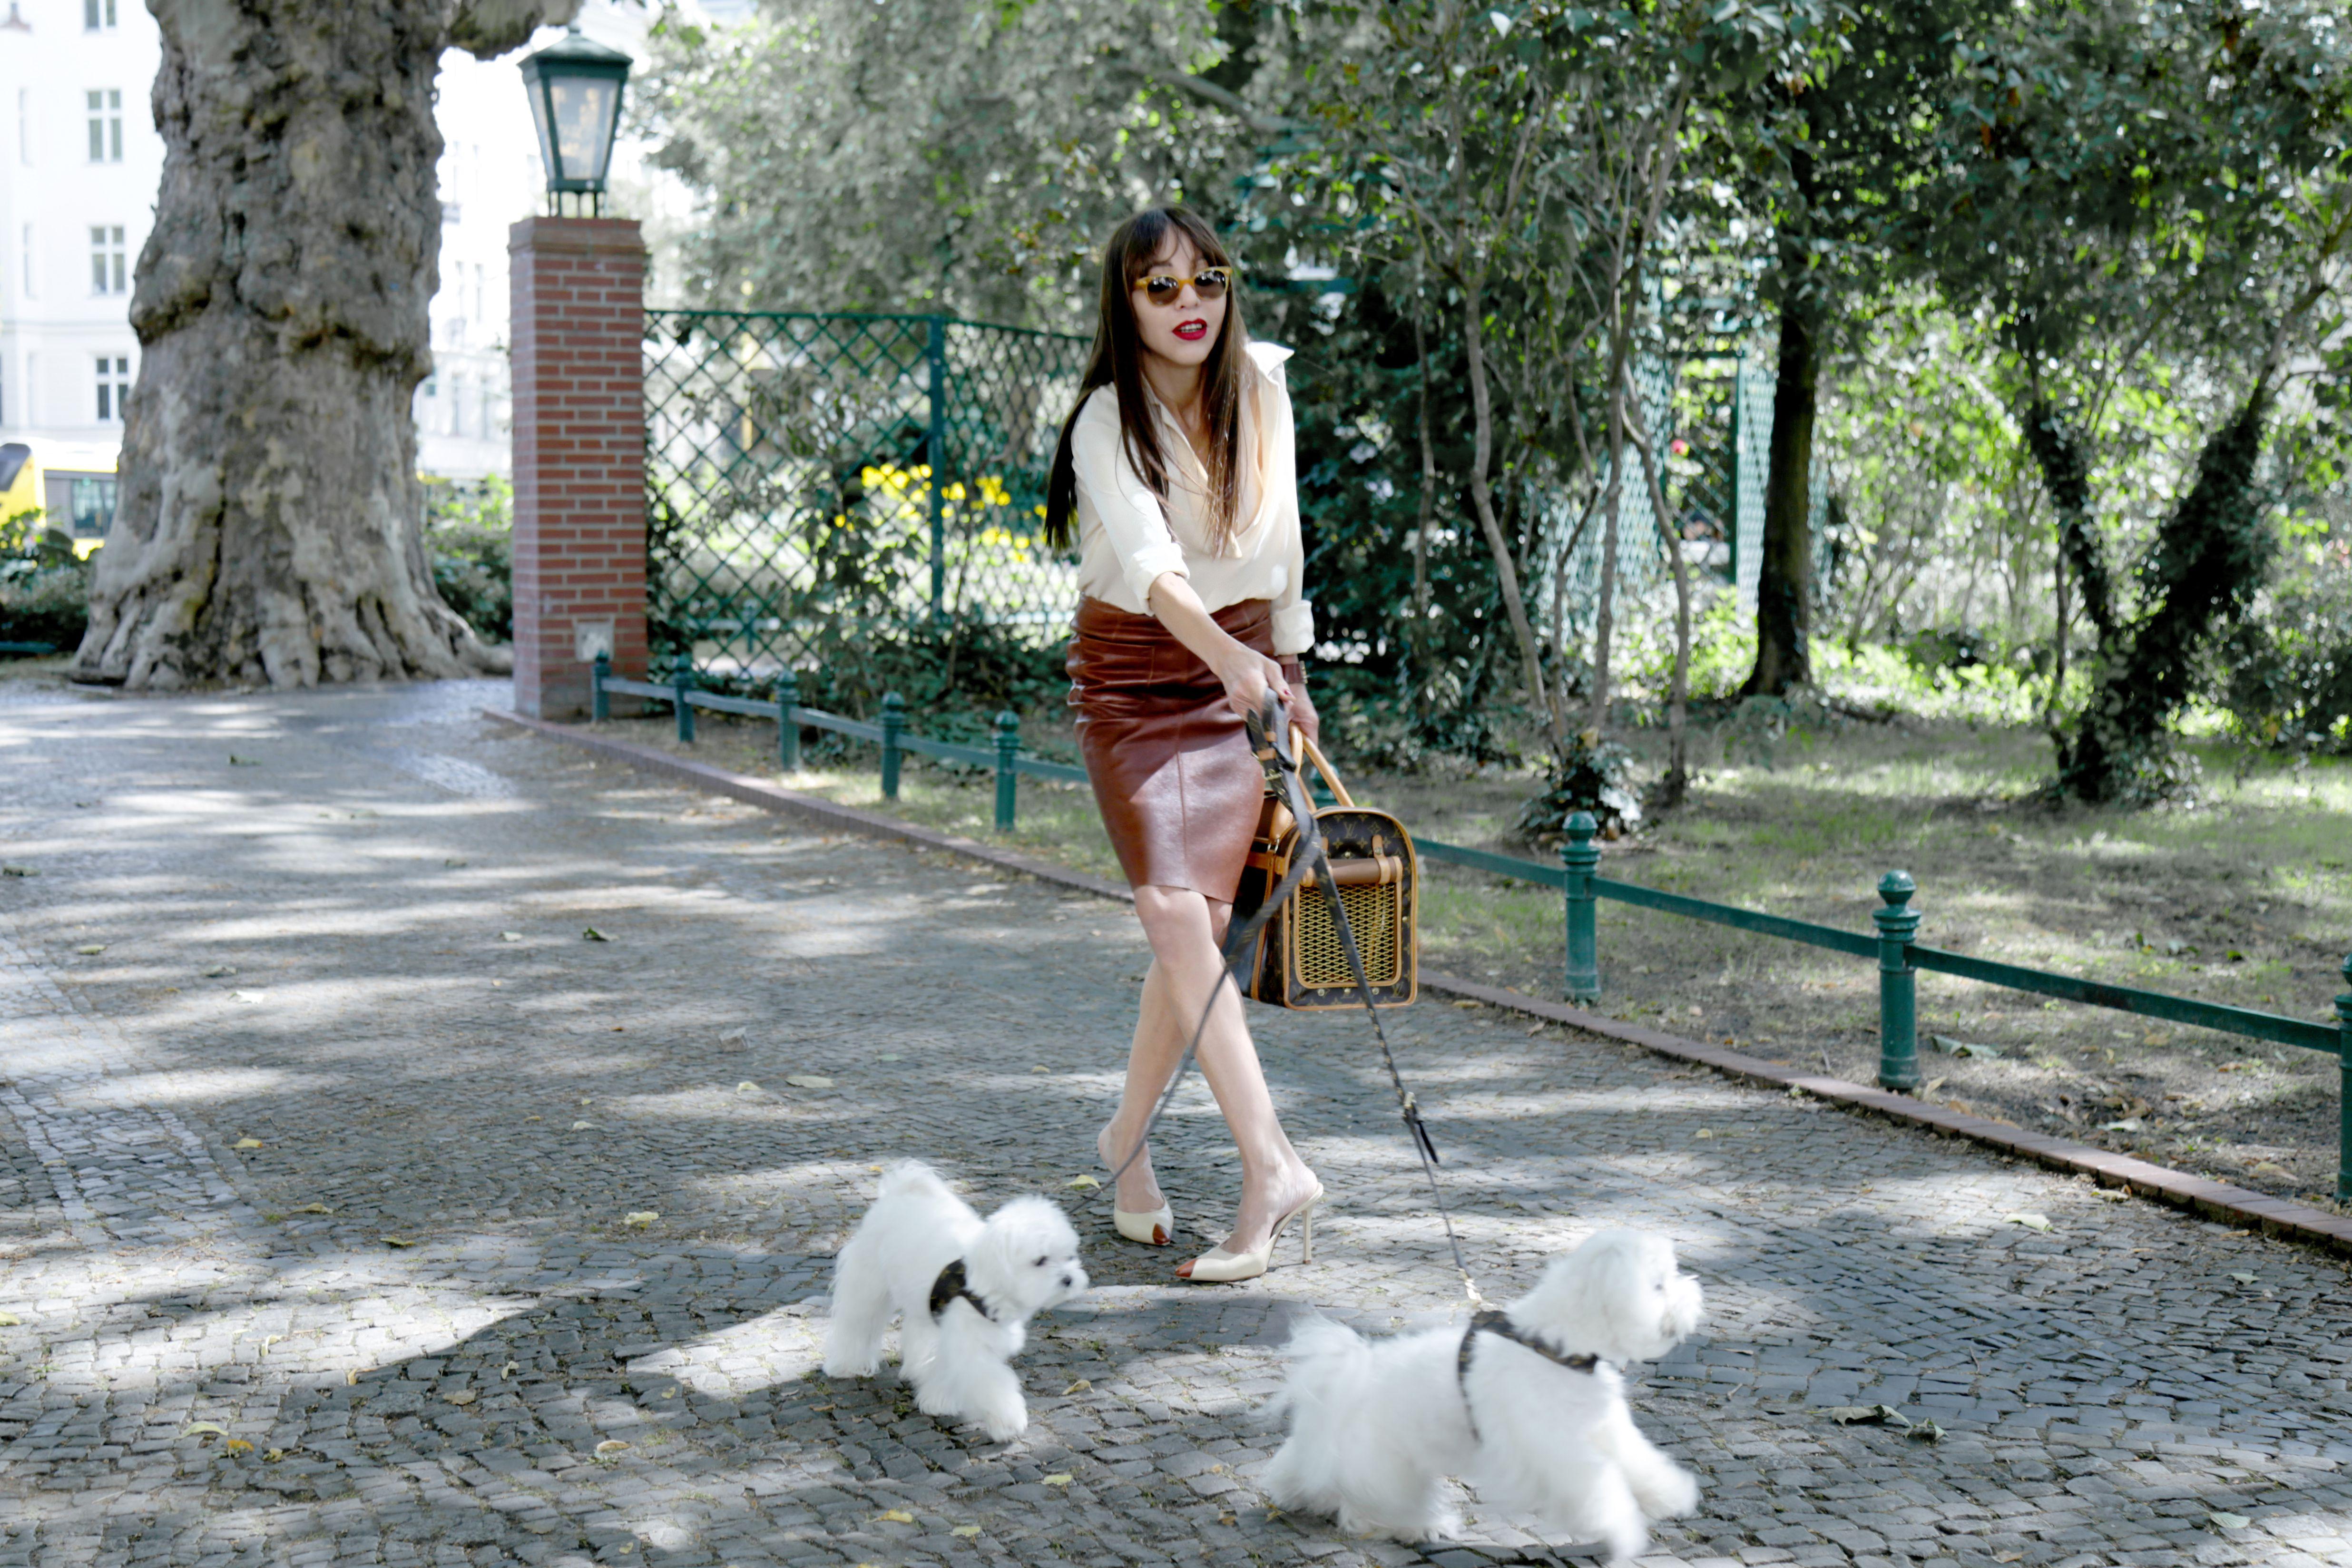 Natalia Irons zvijezda je modnog editorijala koji u prvi plan stavlja eleganciju i ženstvenost